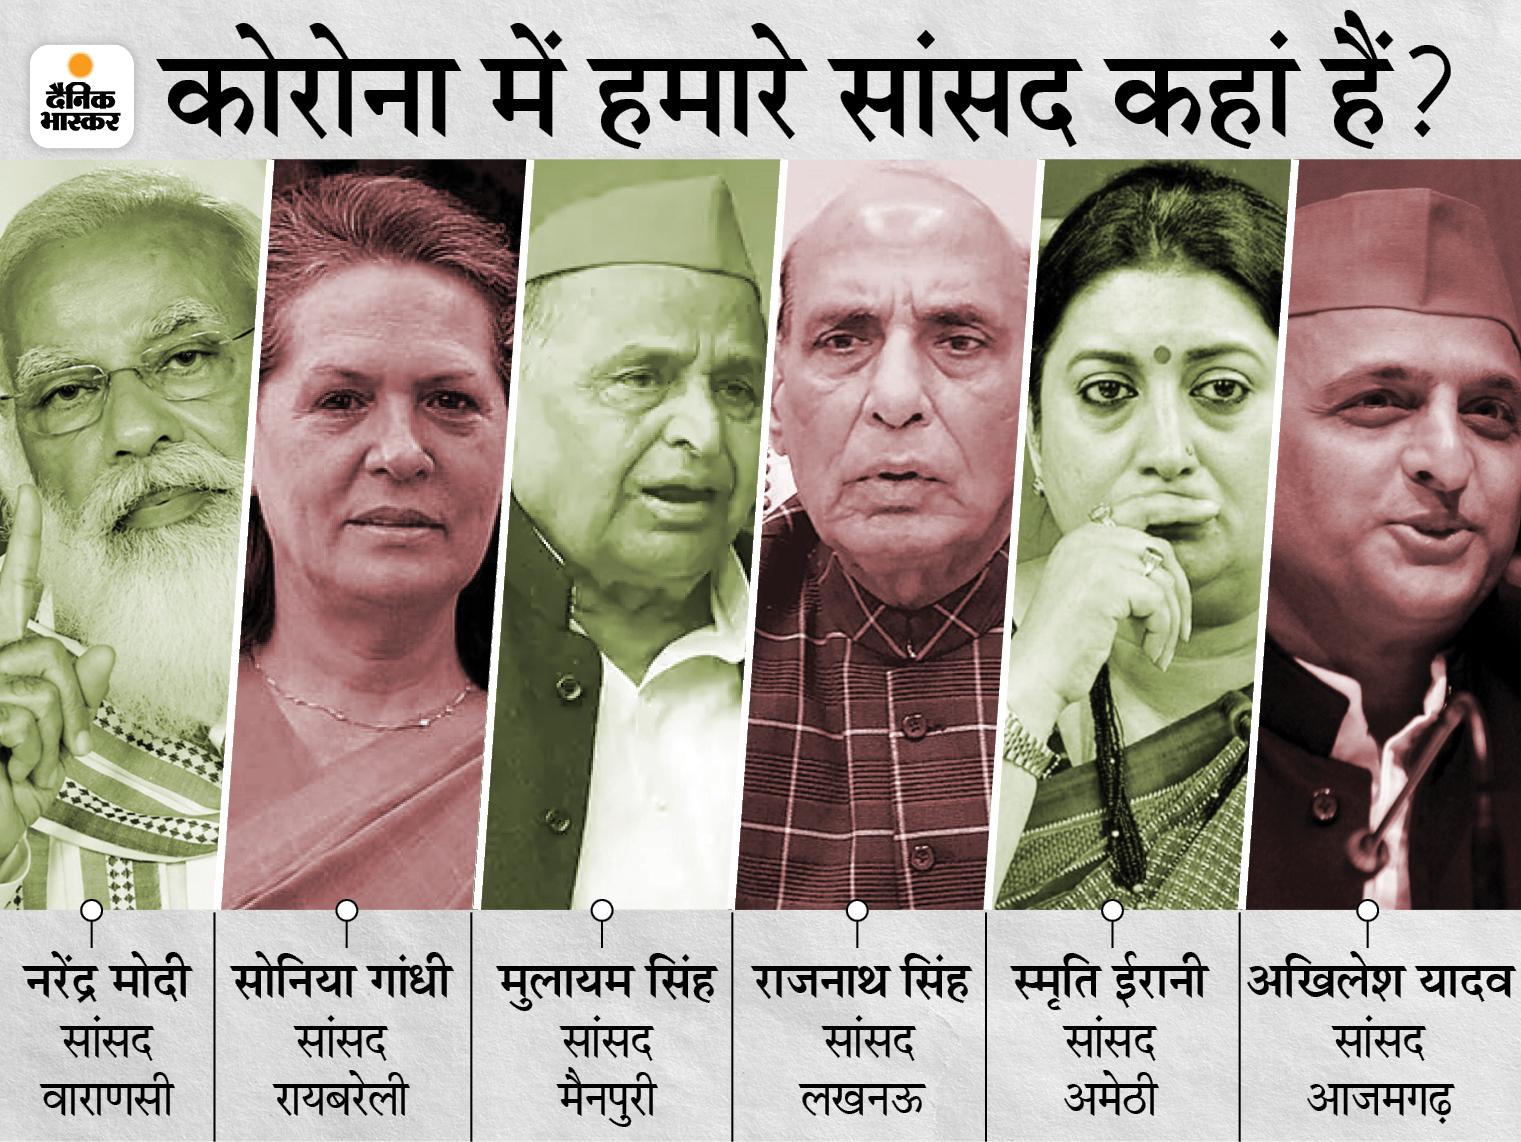 कोरोना में 60% सांसदों की अपने क्षेत्रों से सोशल डिस्टेंसिंग; सोनिया 16 तो मुलायम 25 महीने से नहीं पहुंचे, PM मोदी ने 6 माह पहले किया था दौरा|उत्तरप्रदेश,Uttar Pradesh - Dainik Bhaskar